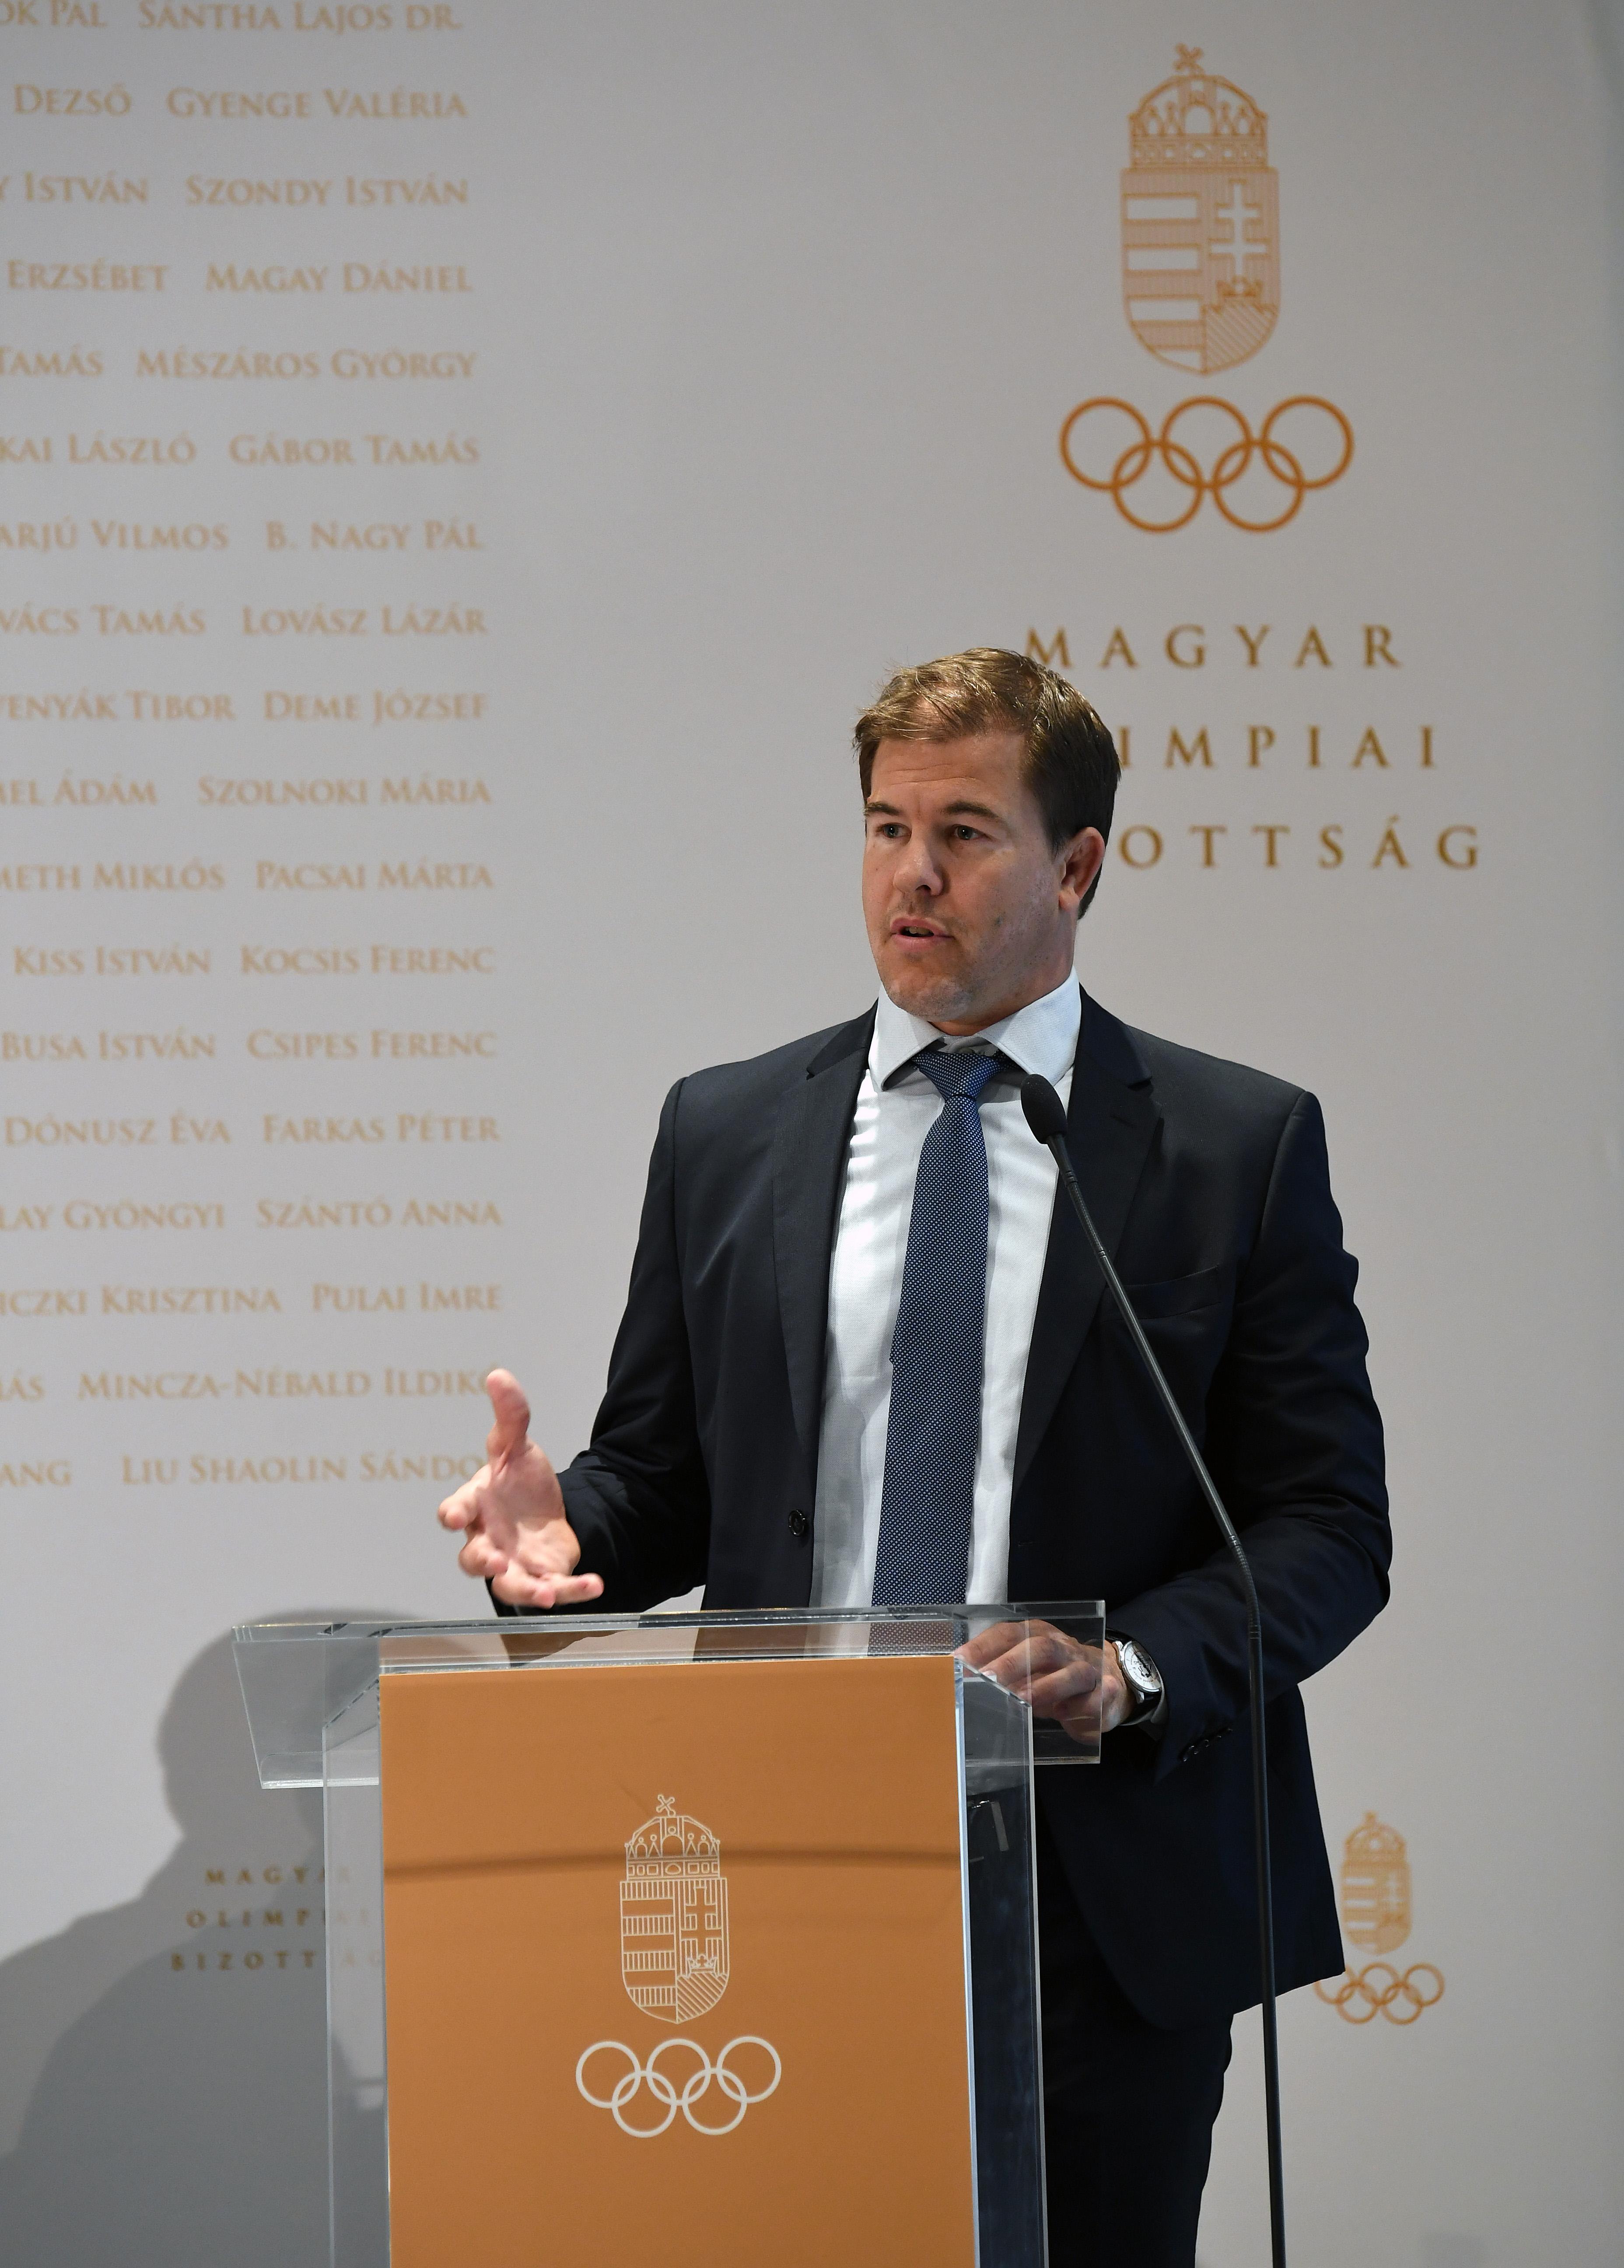 Virág Lajos, a SOSZ ügyvezető igazgatója a Sportegyesületi Bizottság munkájáról adott tájékoztatást